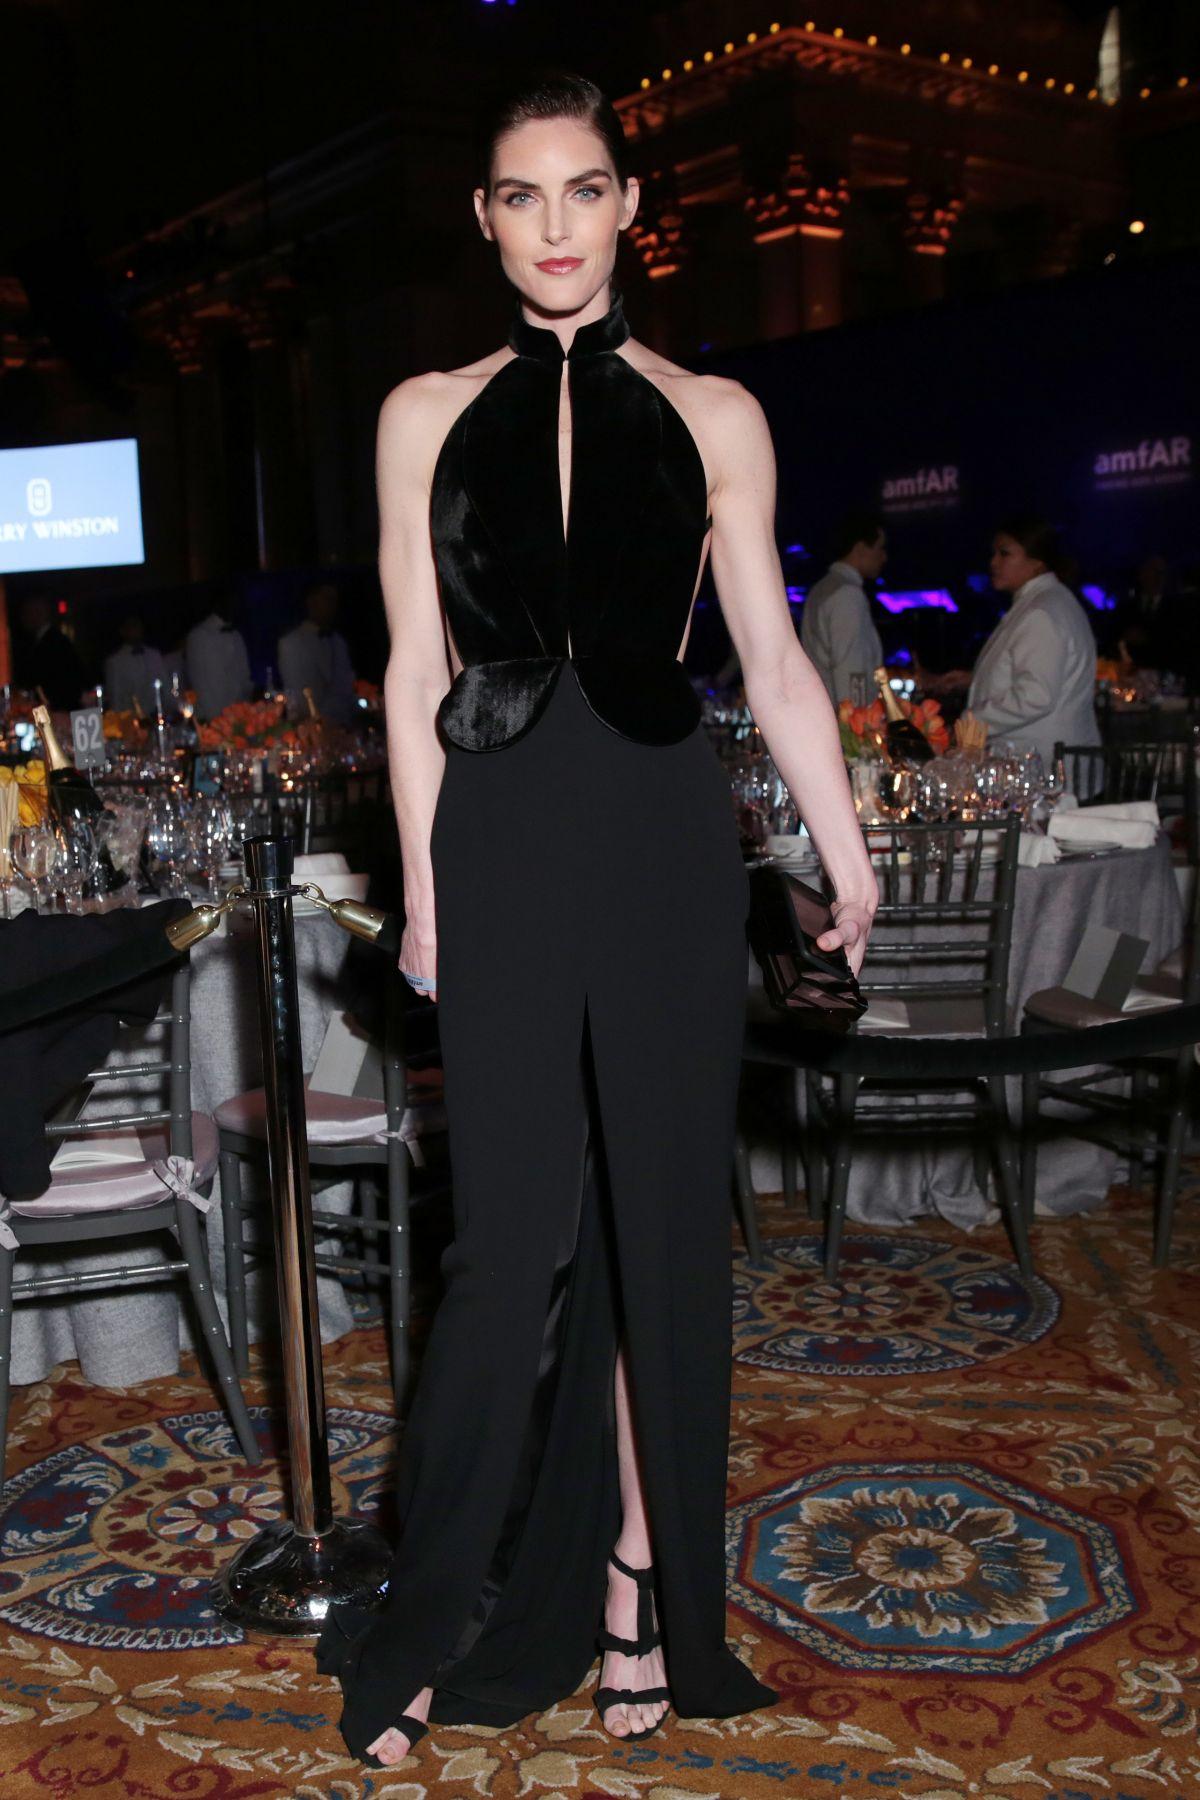 HILARY RHODA at AMFAR 2017 New York Gala 02/08/2017